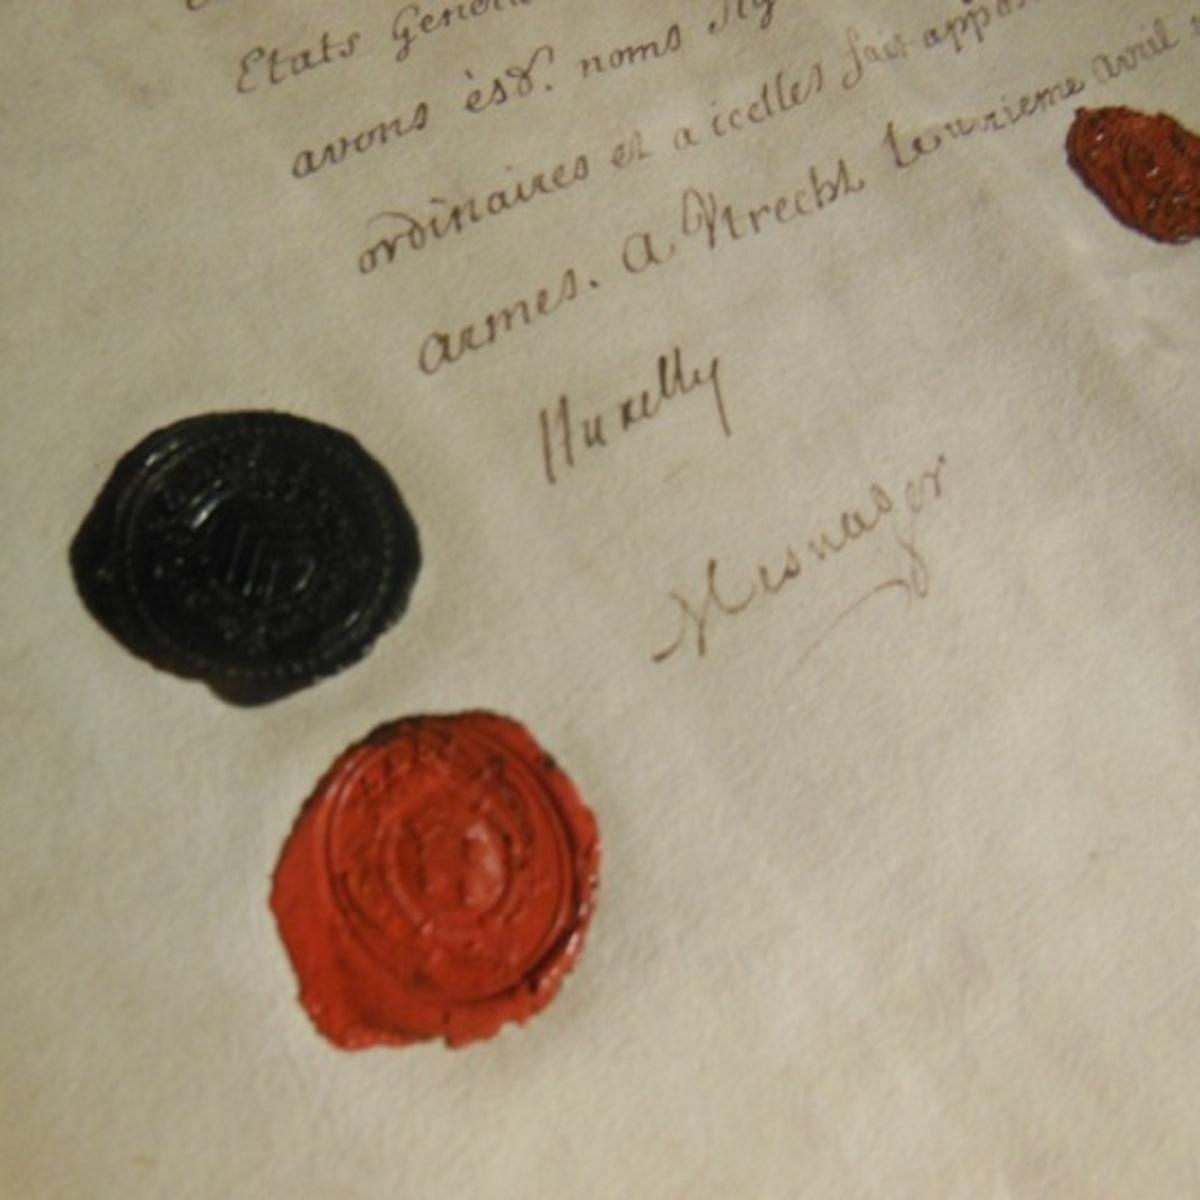 Les sceaux d'Utrecht, partie B : Pour réécrire l'histoire et le présent - Pierre Dairon